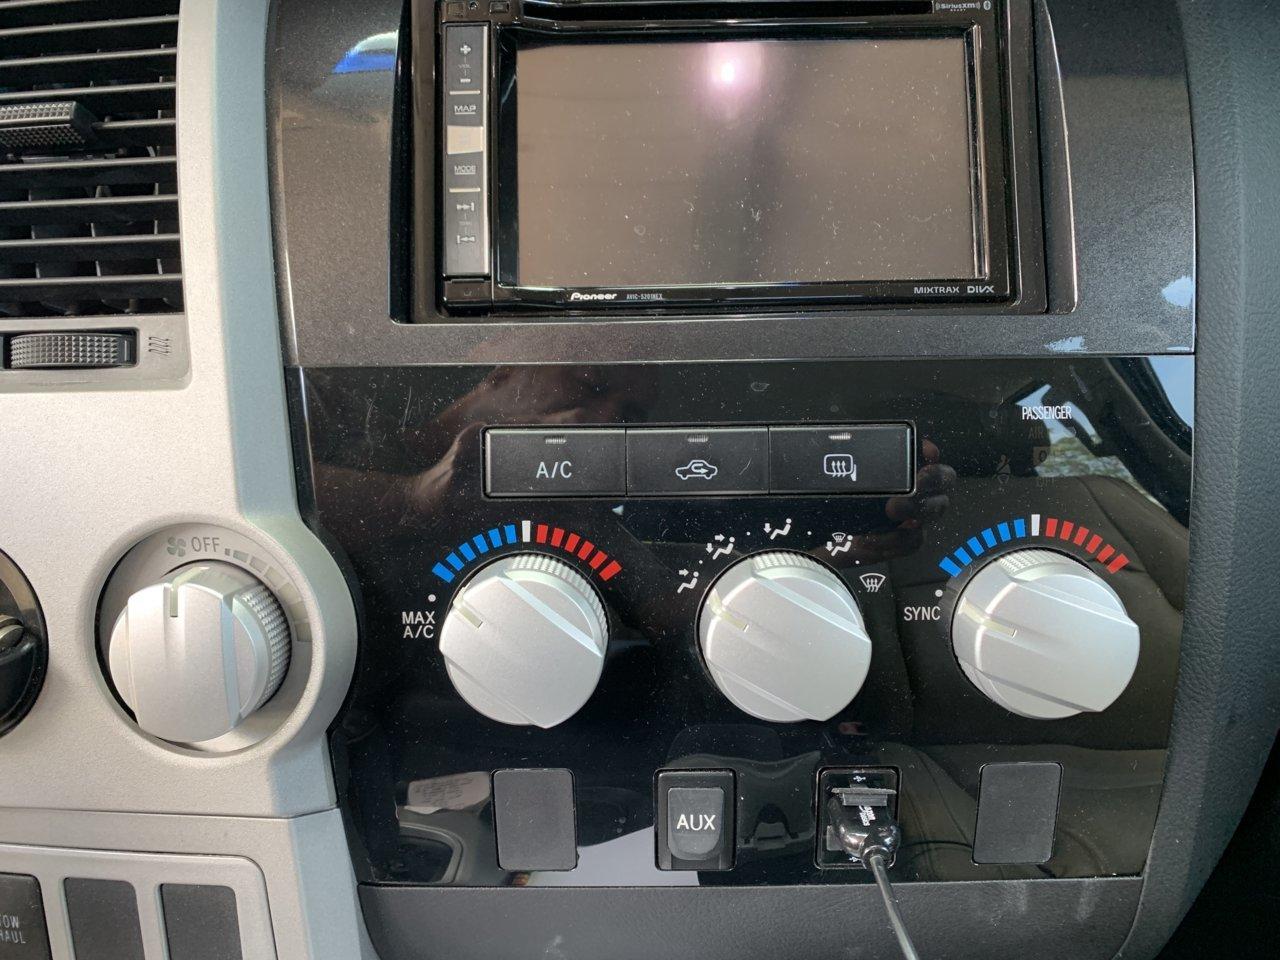 E8E5AFD2-800B-45B6-A50A-1829CC907FC9.jpg